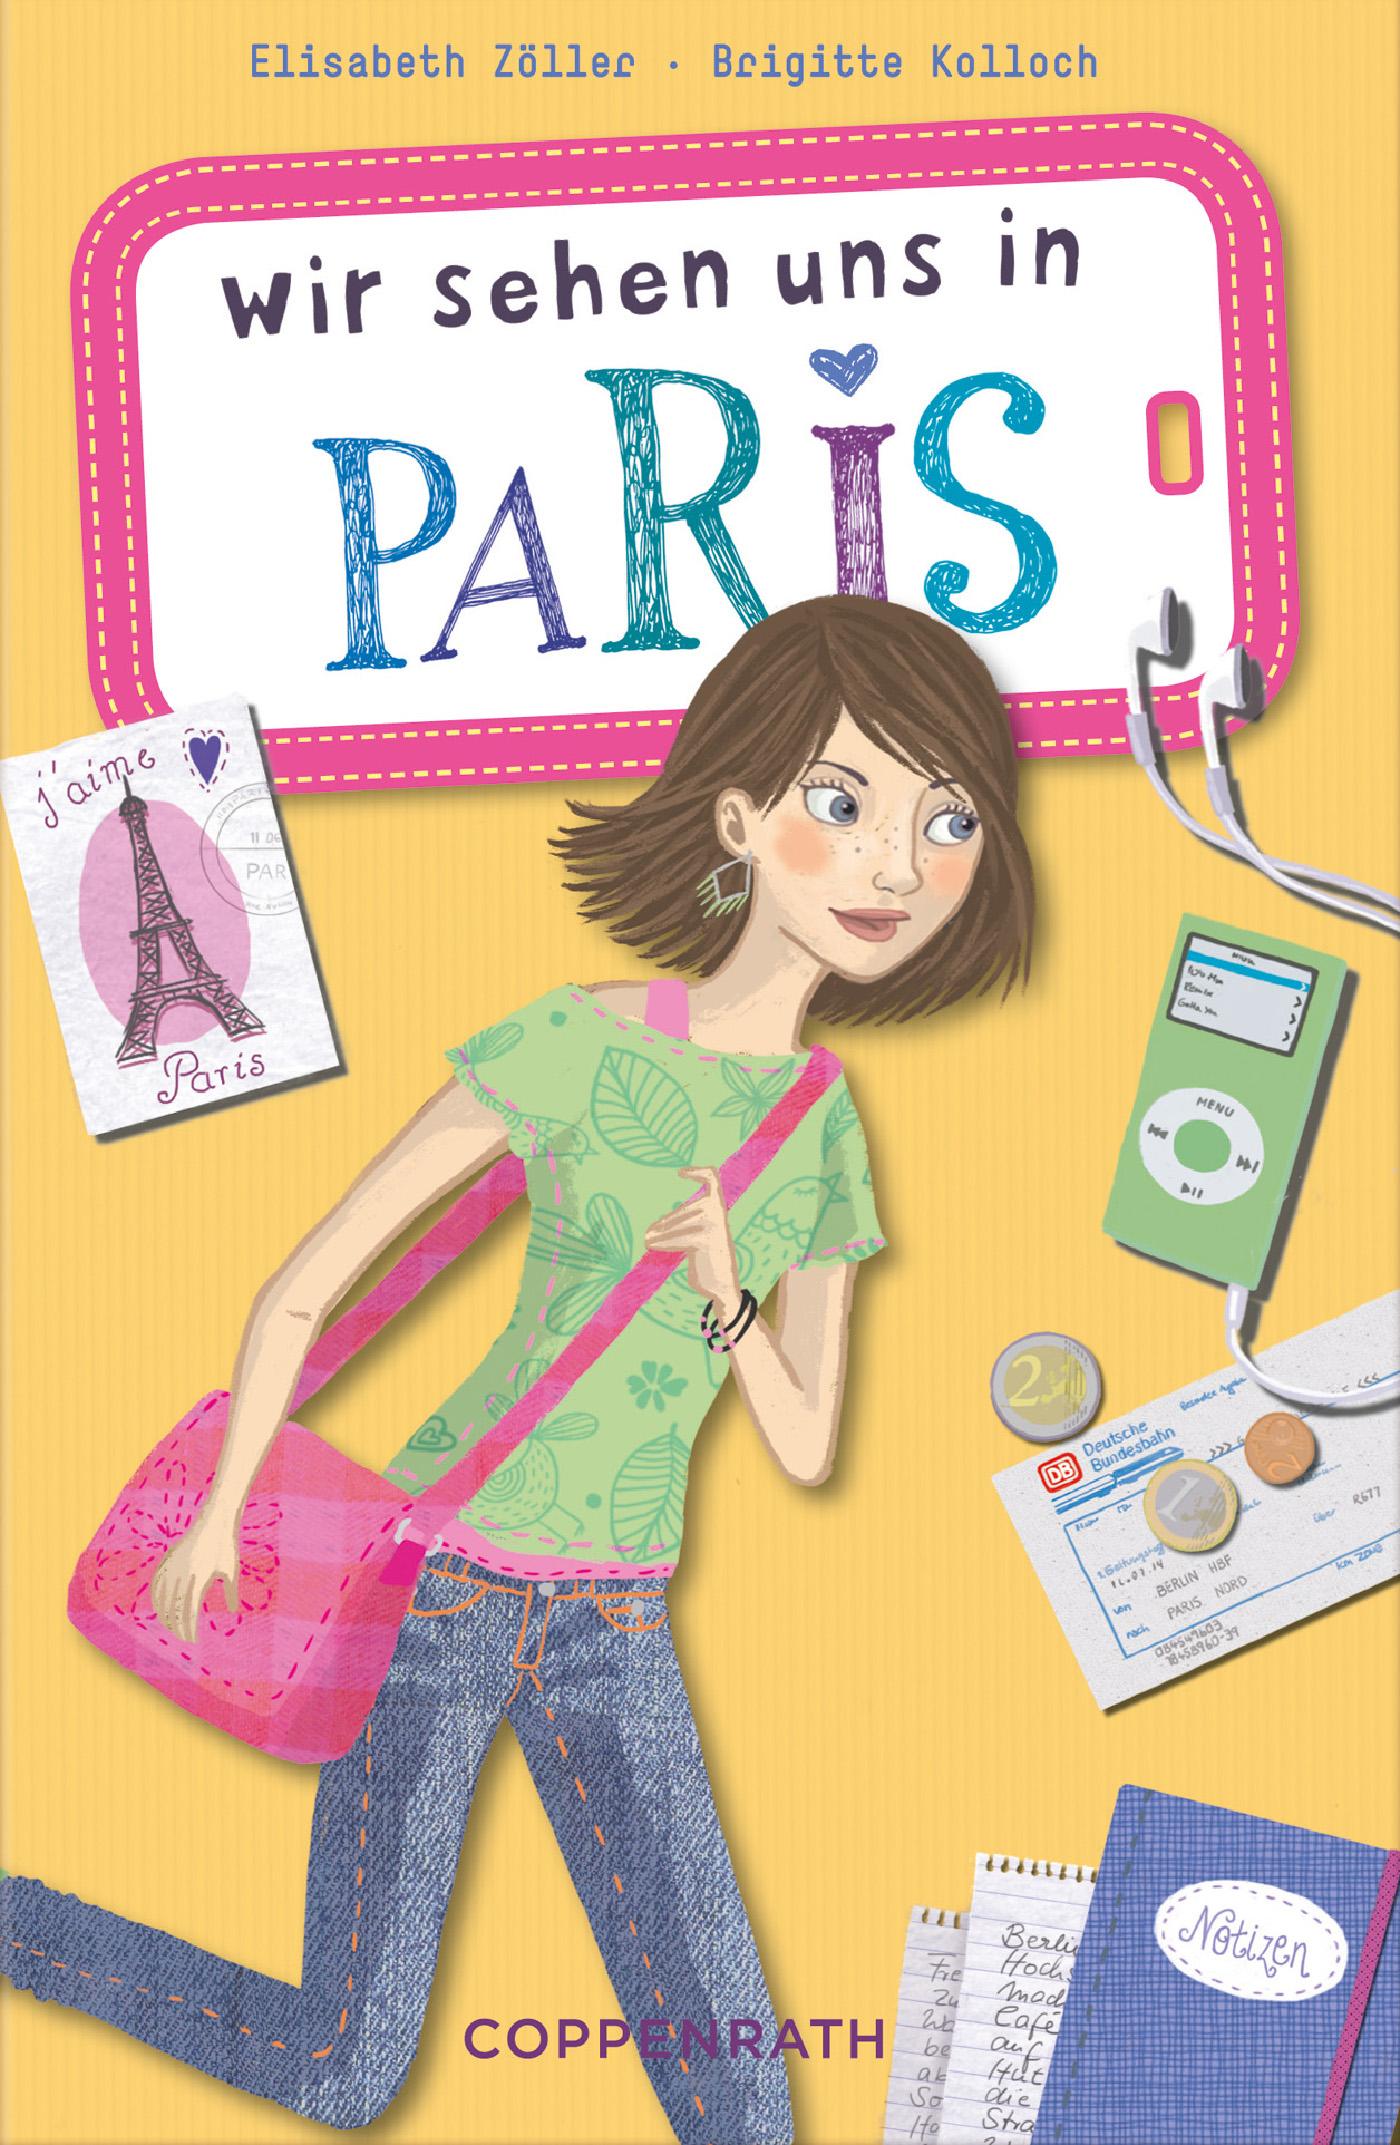 Elisabeth Zoller Wir sehen uns in Paris